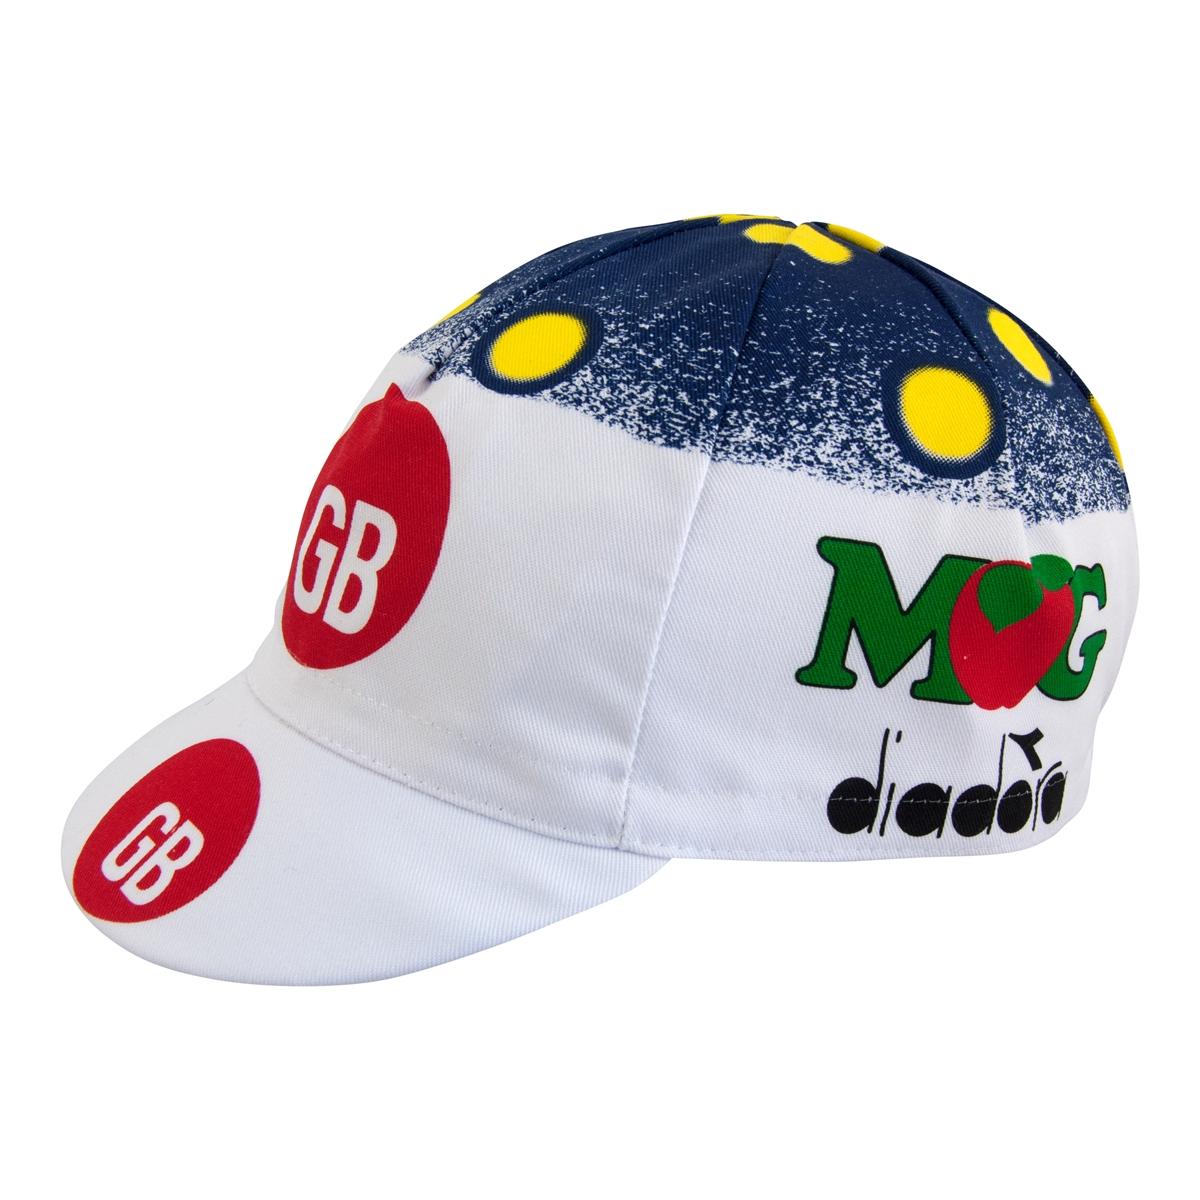 Gb Mg Diadora Cycling Cap